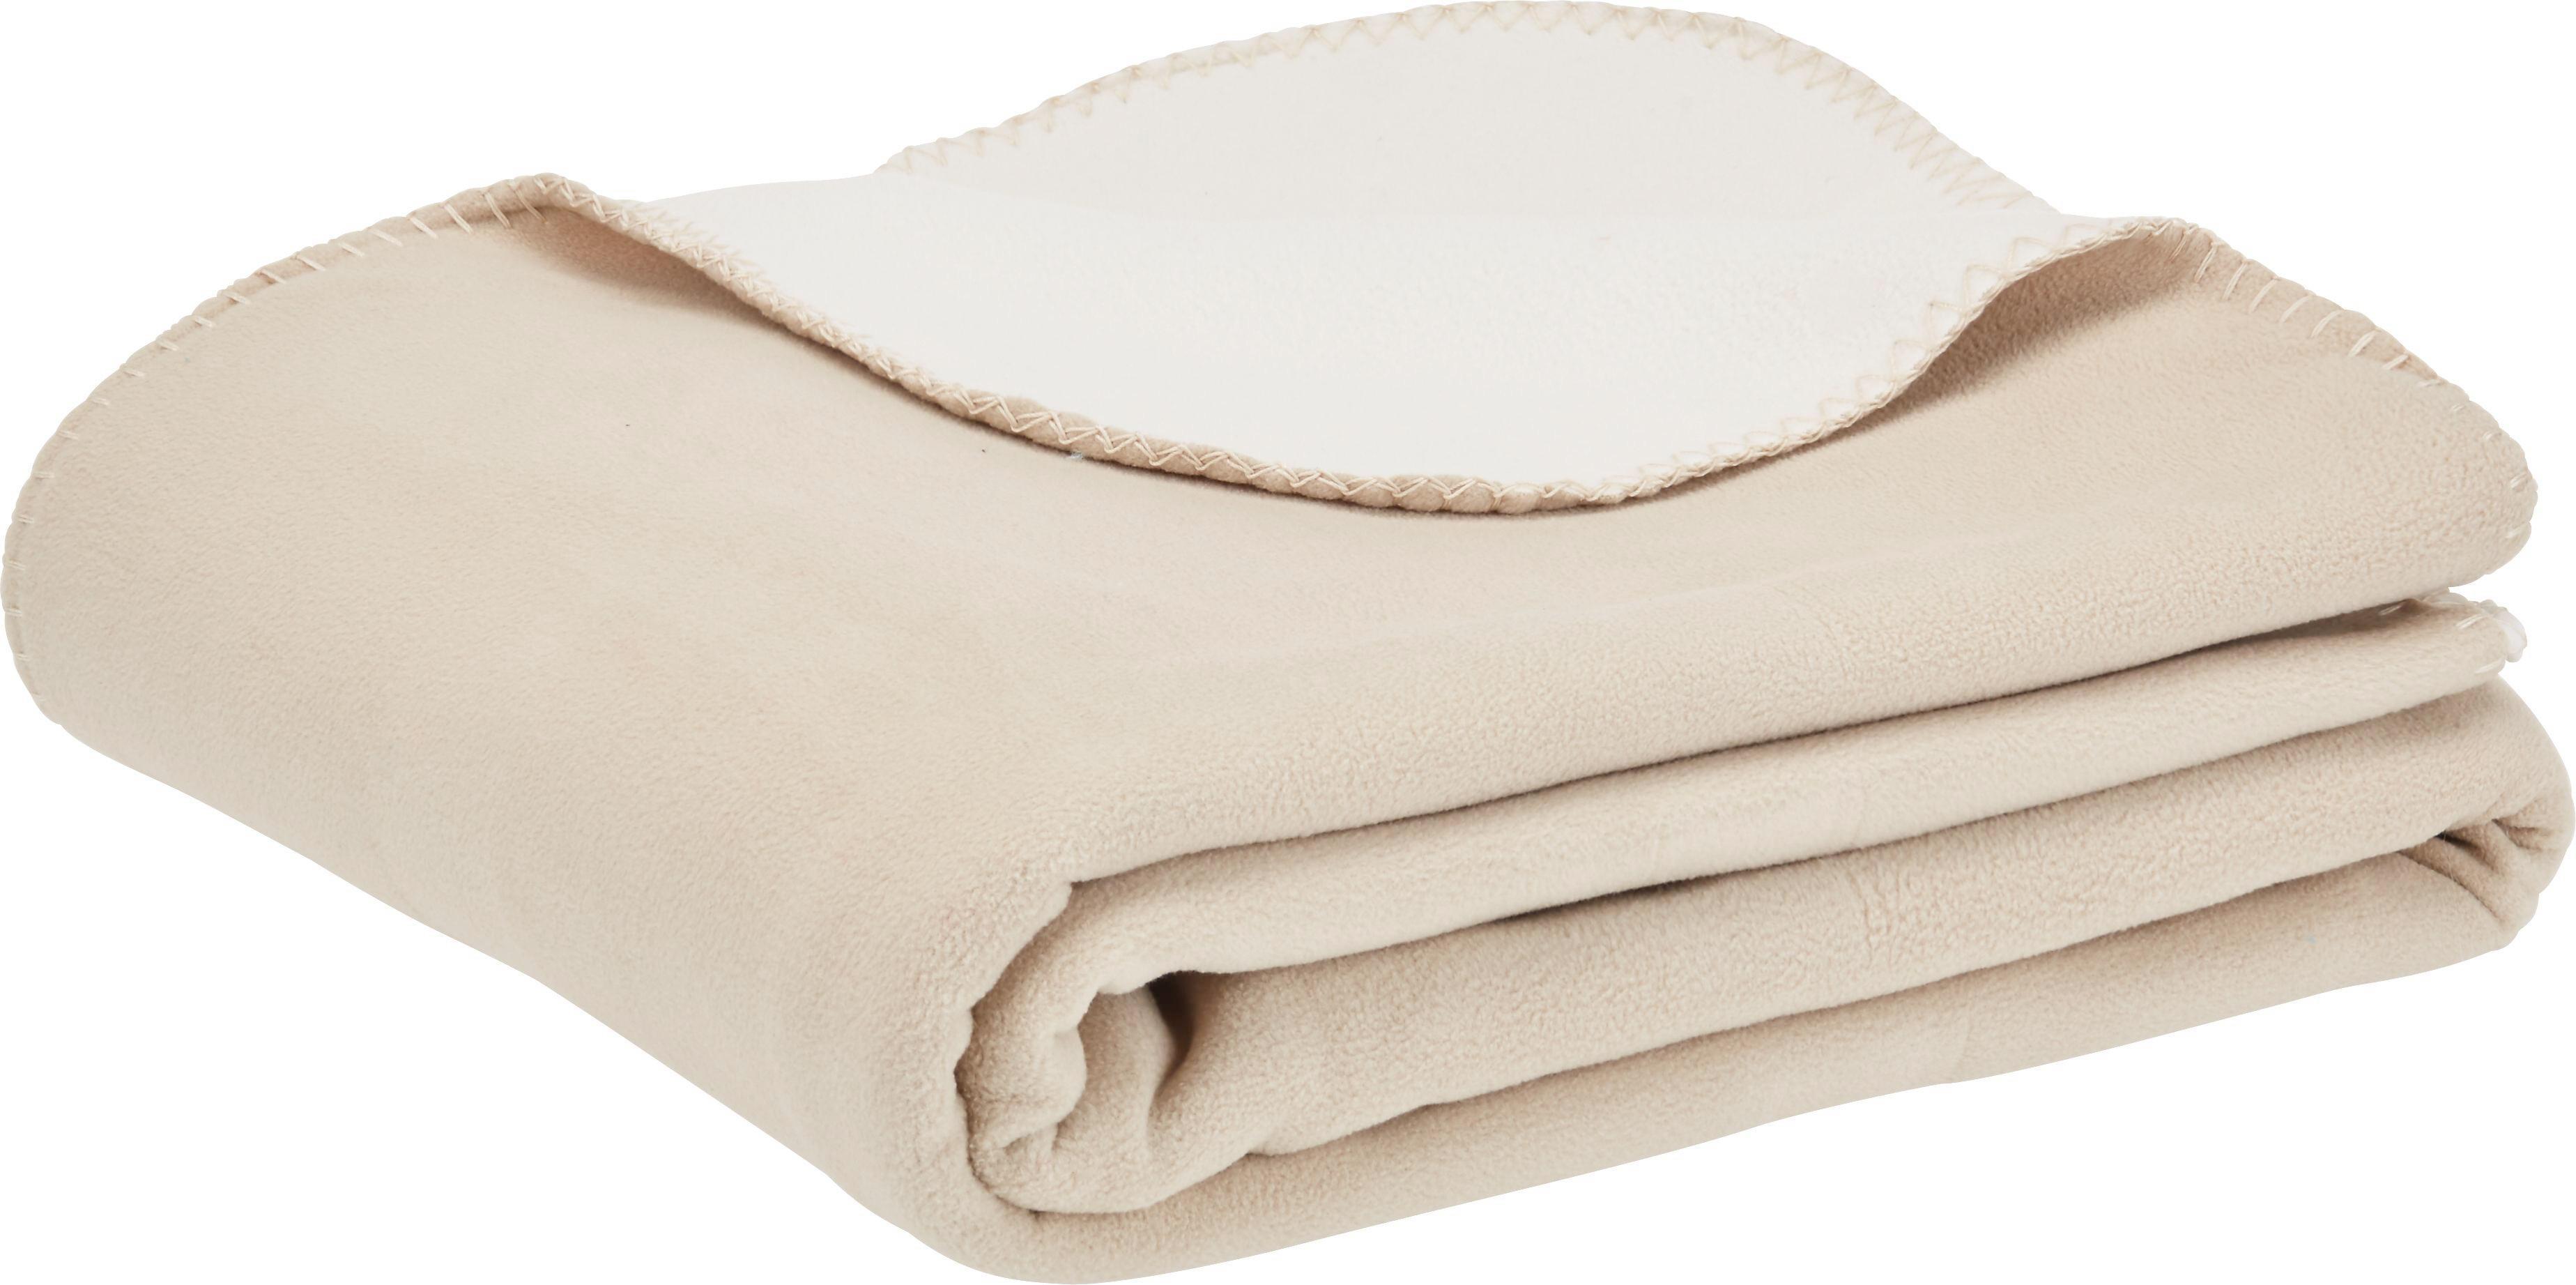 Fleecová Přikrývka Martin  Oboustranná - bílá/béžová, textil (150/200cm) - MÖMAX modern living